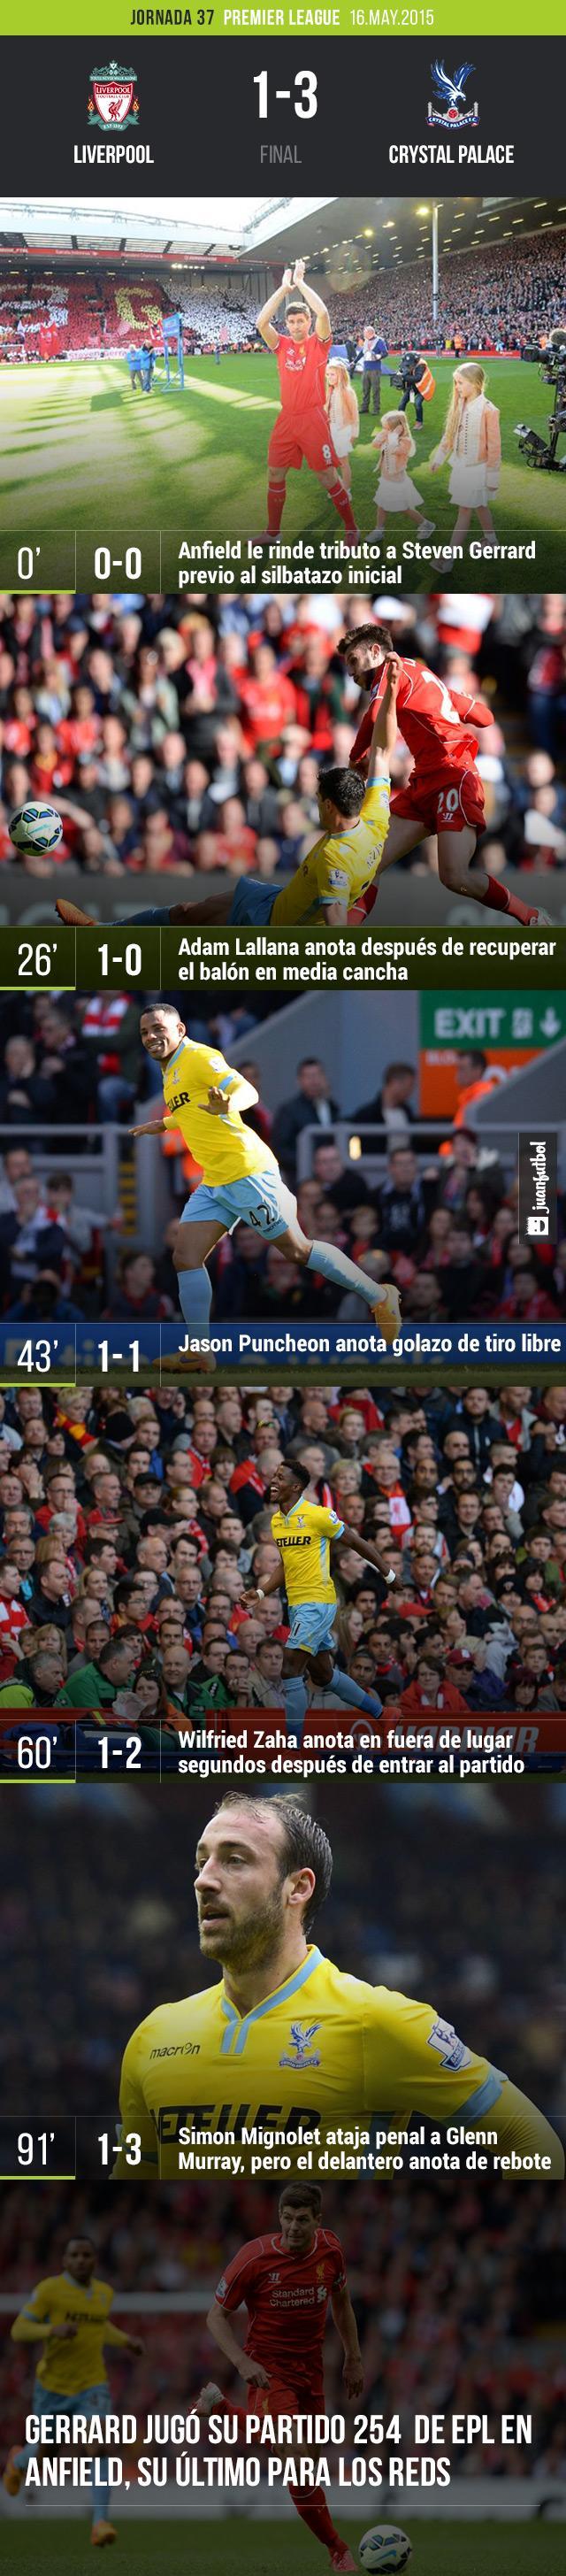 Crystal Palace derrotó al Liverpool en la despedida de Gerrard de Anfield